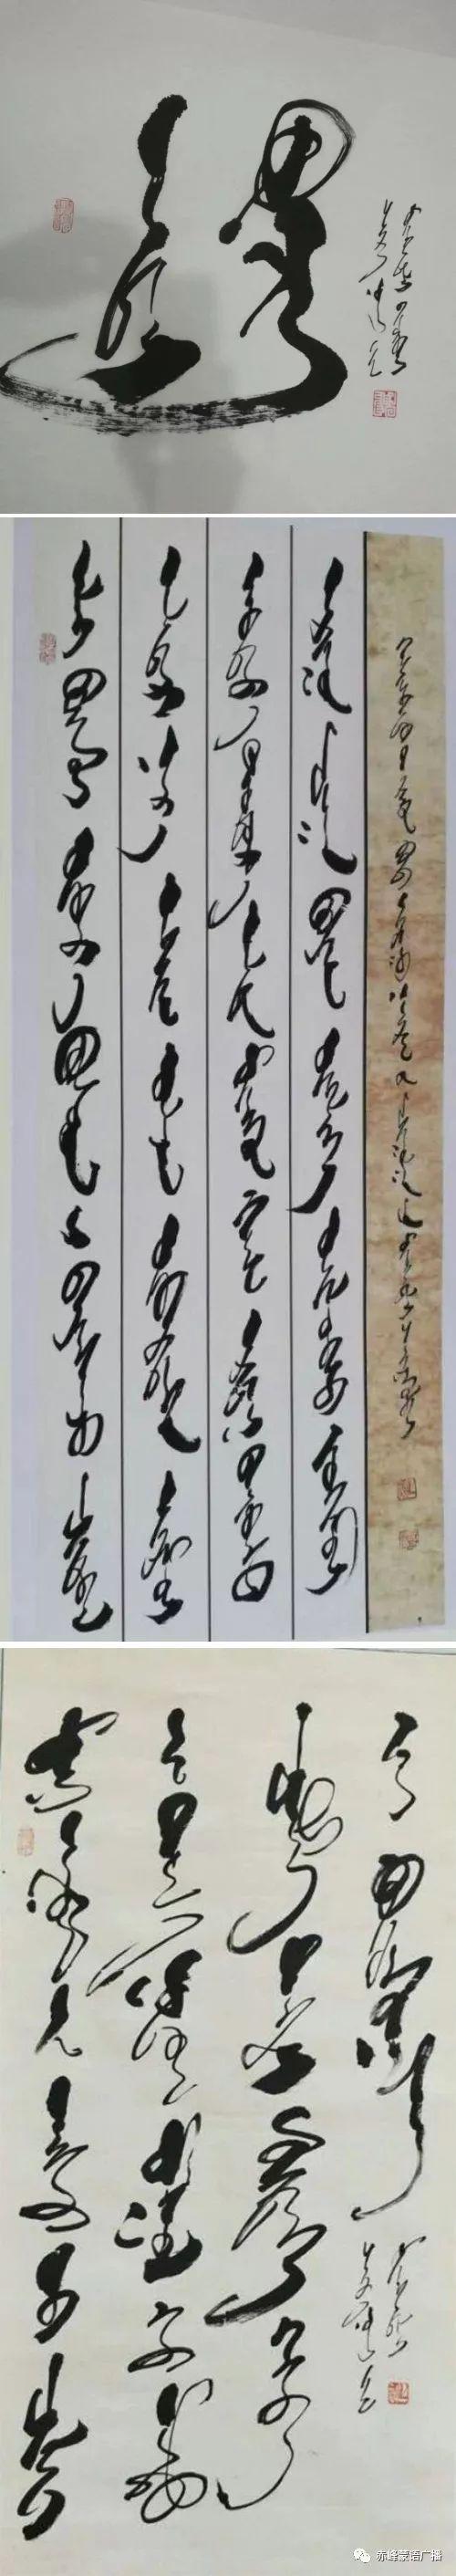 【音频】《赤峰蒙古族书法家》系列采访(25) 第5张